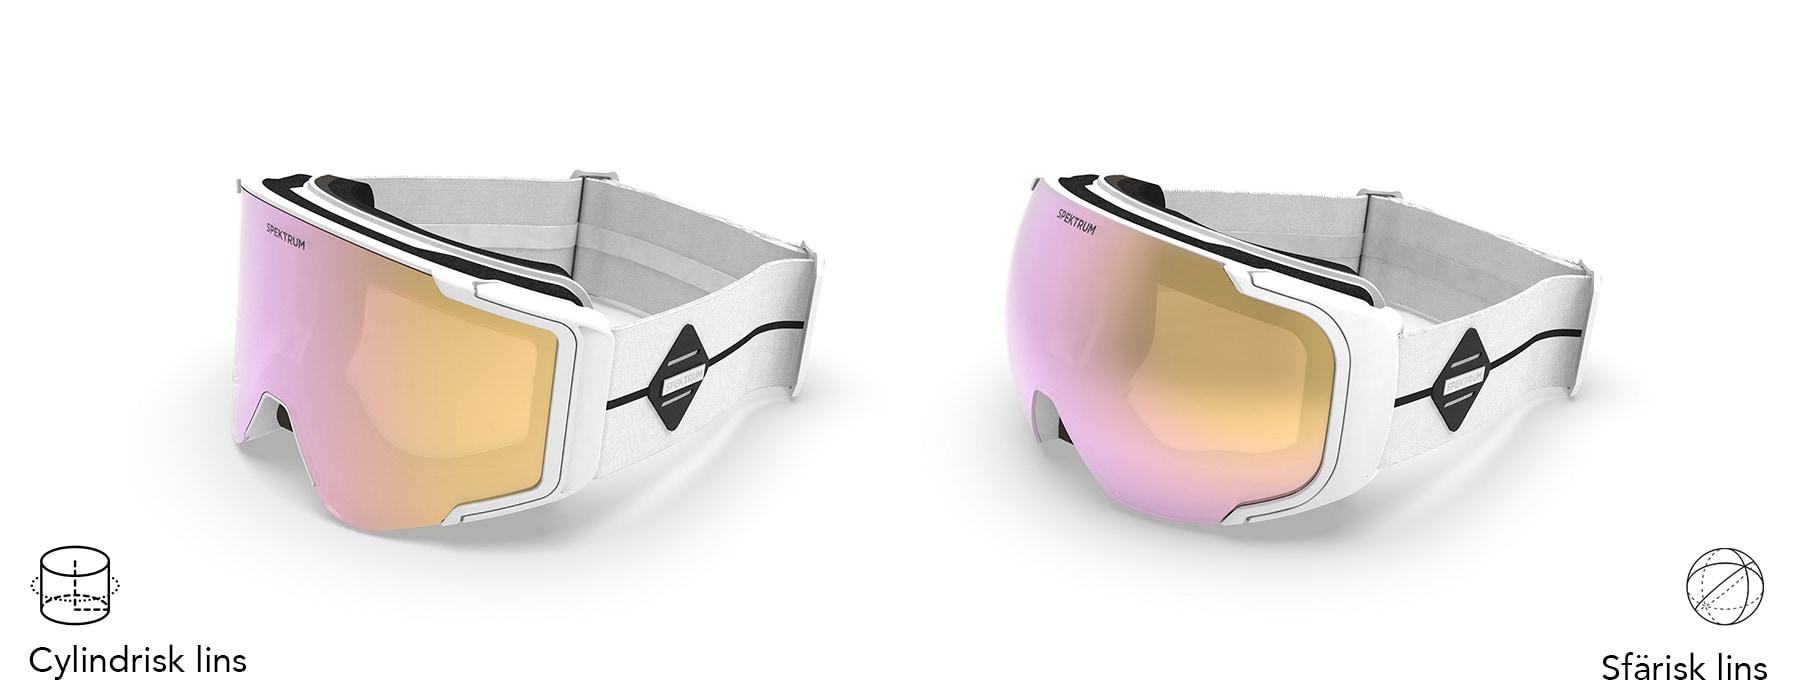 Spektrum goggles alpingaraget